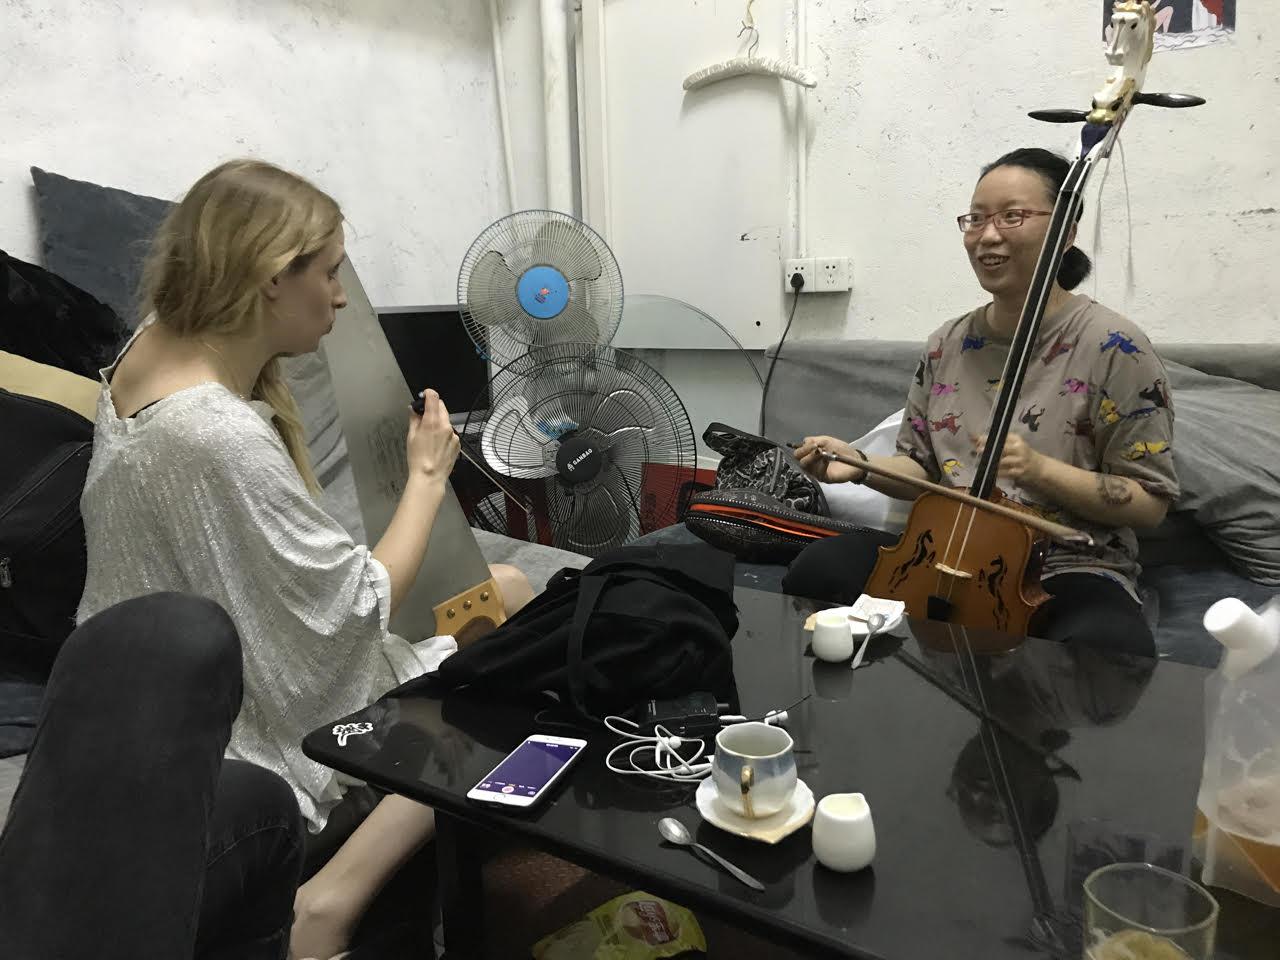 En dag dök plötsligt ett fan upp backstage och ville spela med oss med hennes traditionella instrument .